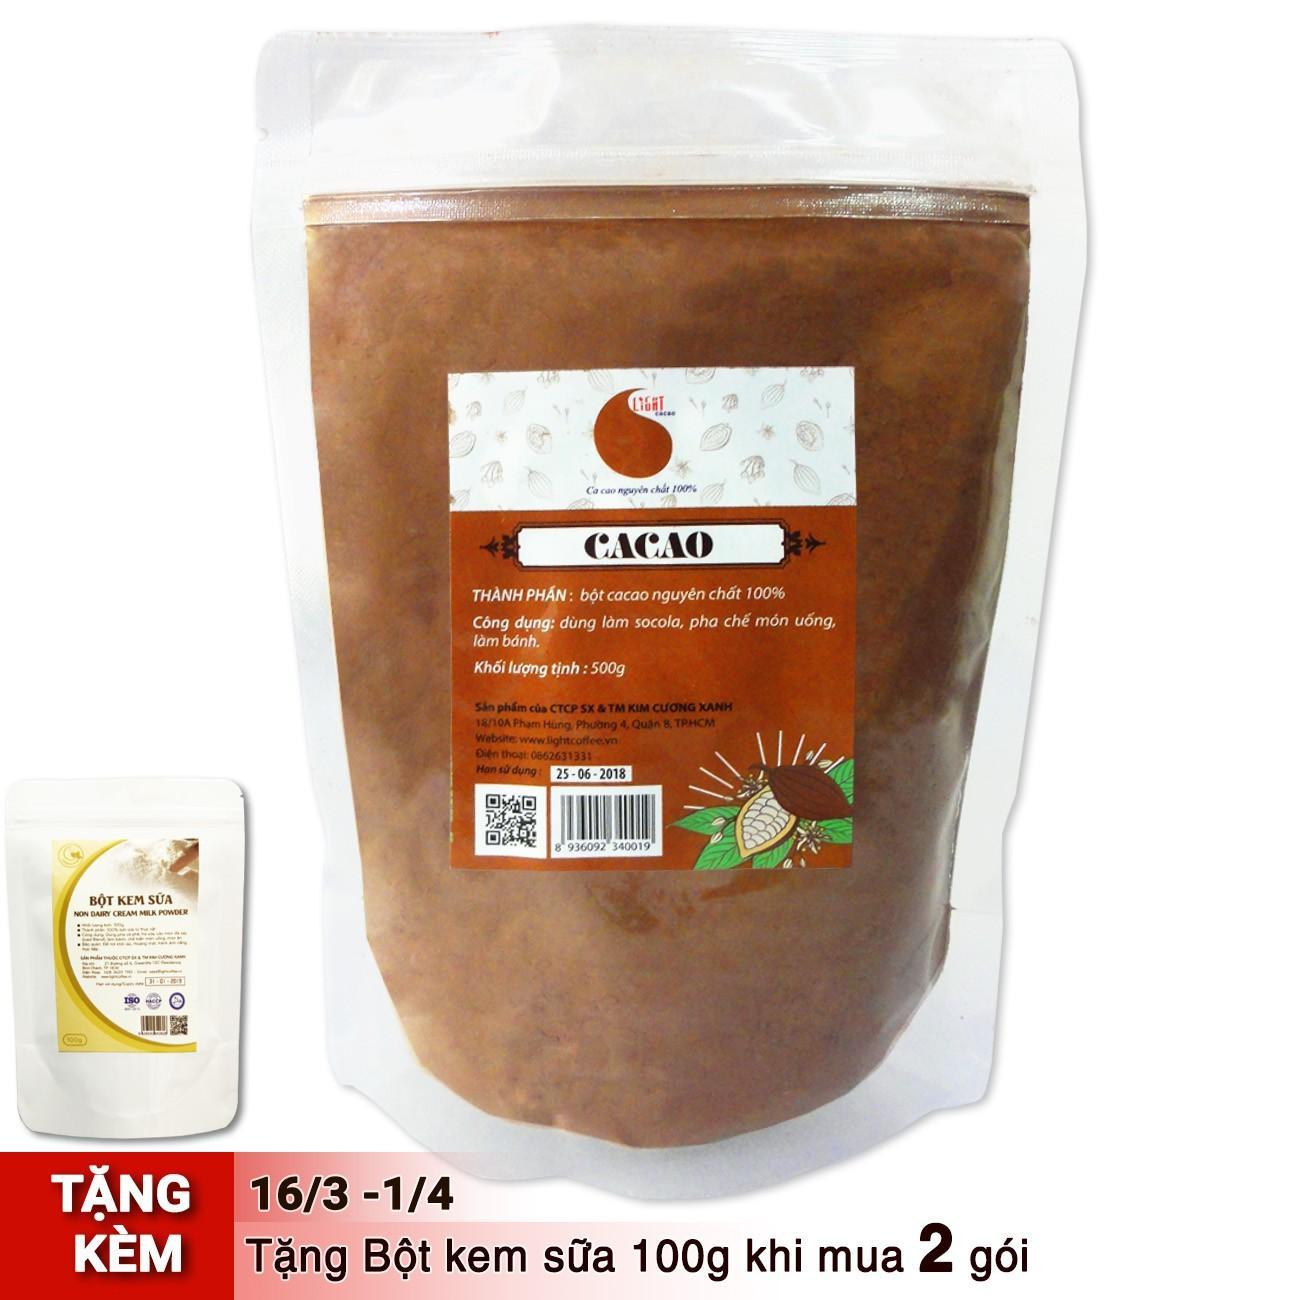 Nơi mua Bột cacao làm bánh nguyên chất 100% – Light cacao – 500gr